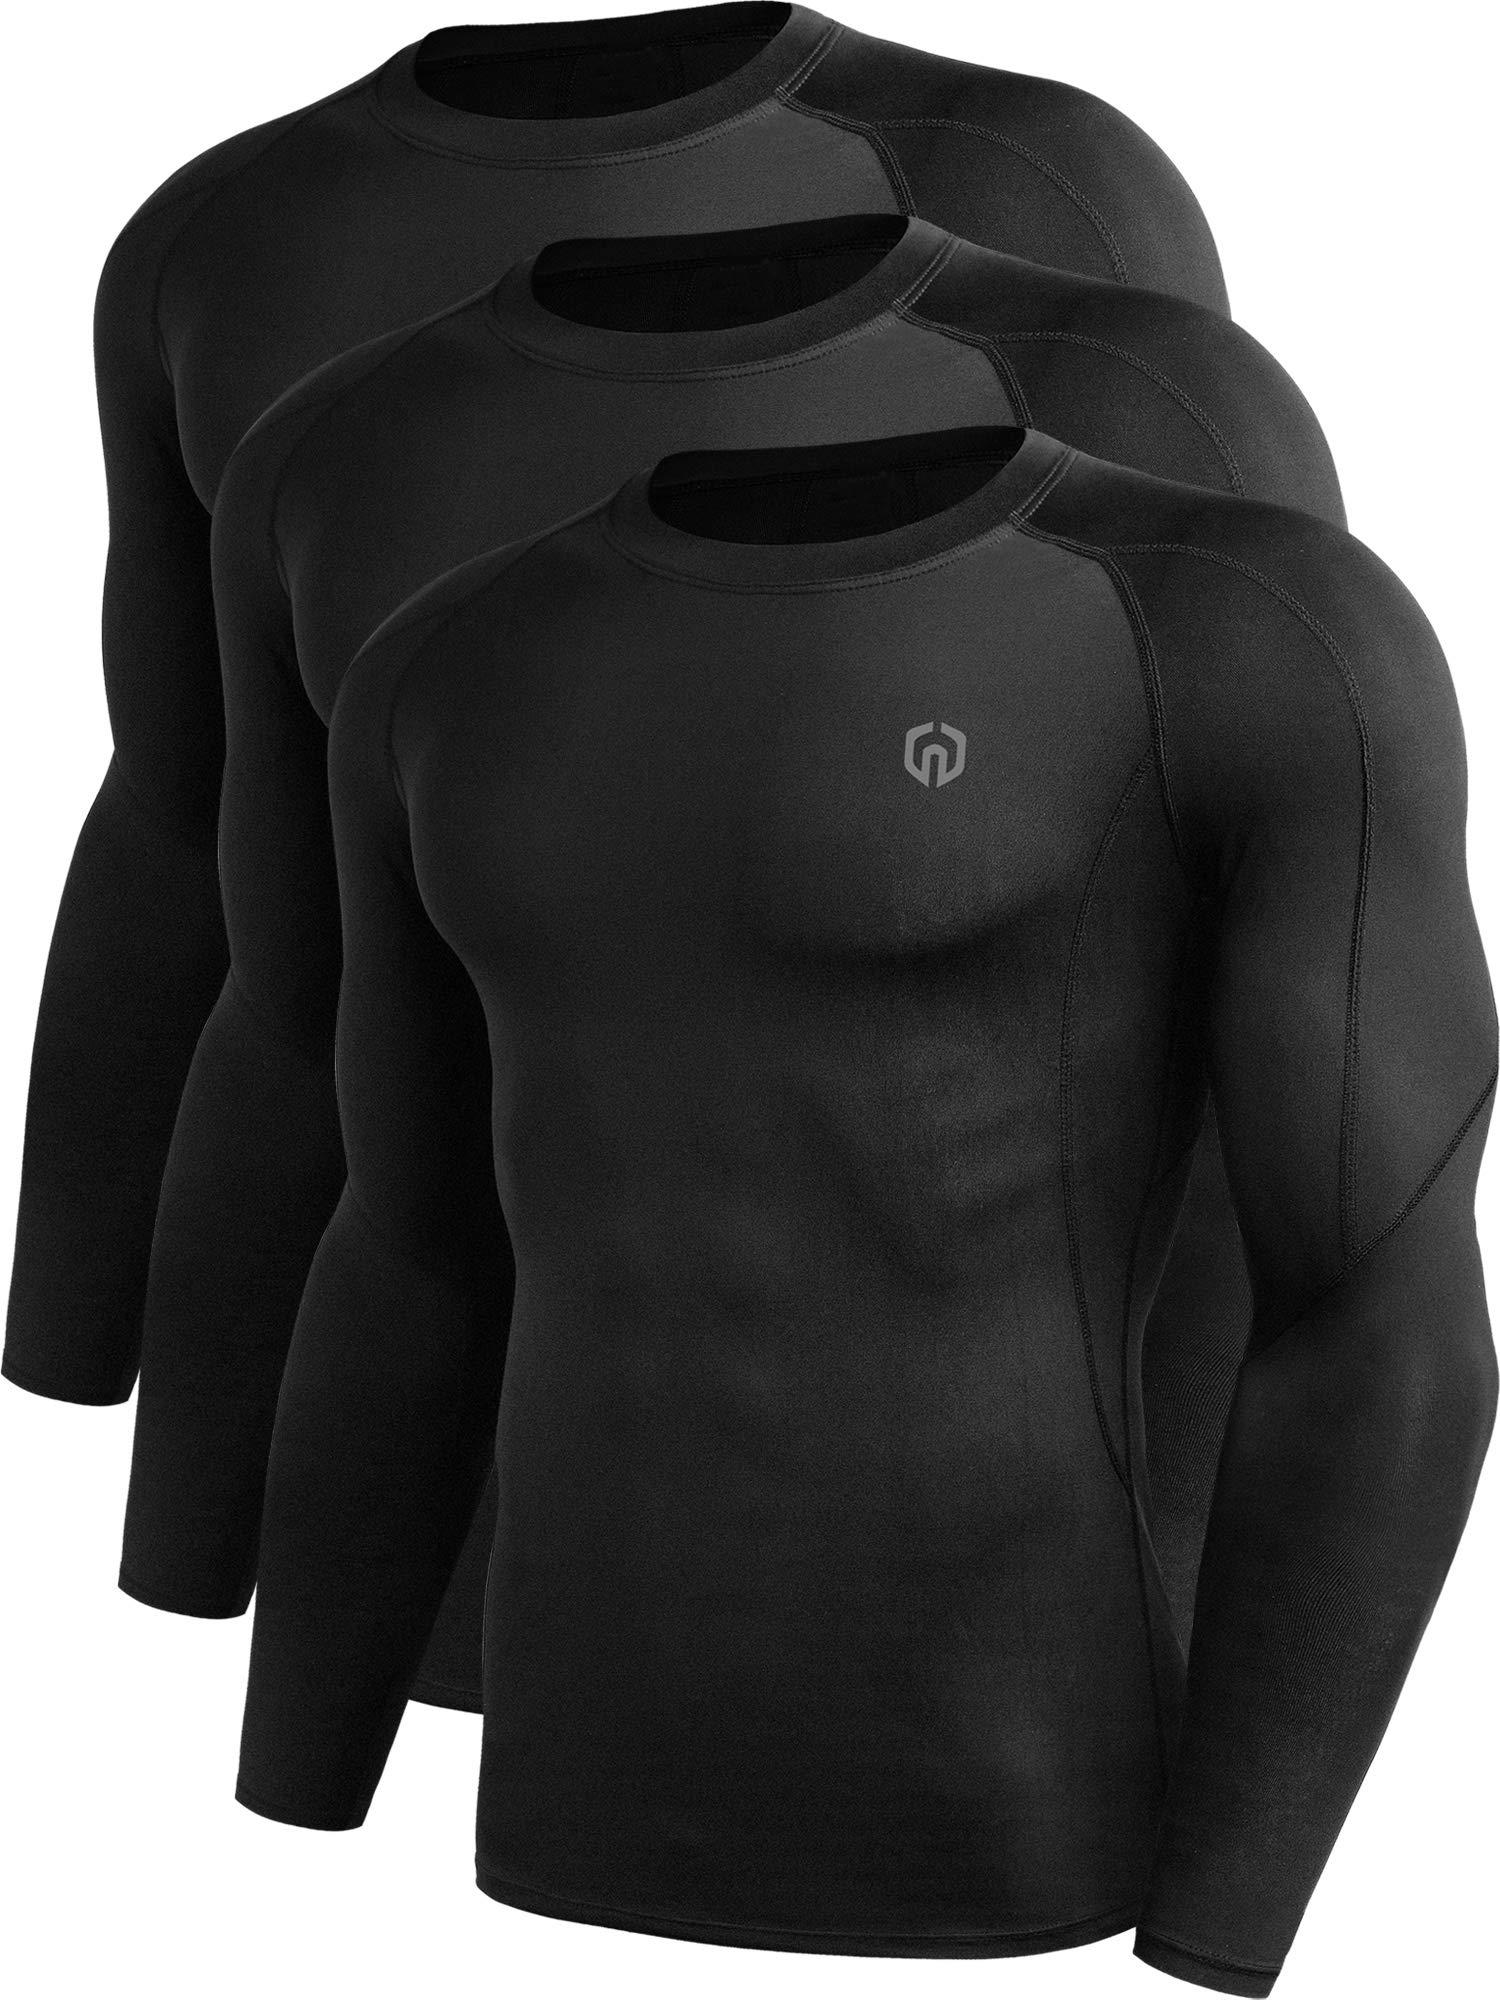 Neleus Men's 3 Pack Compression Workout Long Sleeve Shirts,5030,Black,US XL,EU 2XL by Neleus